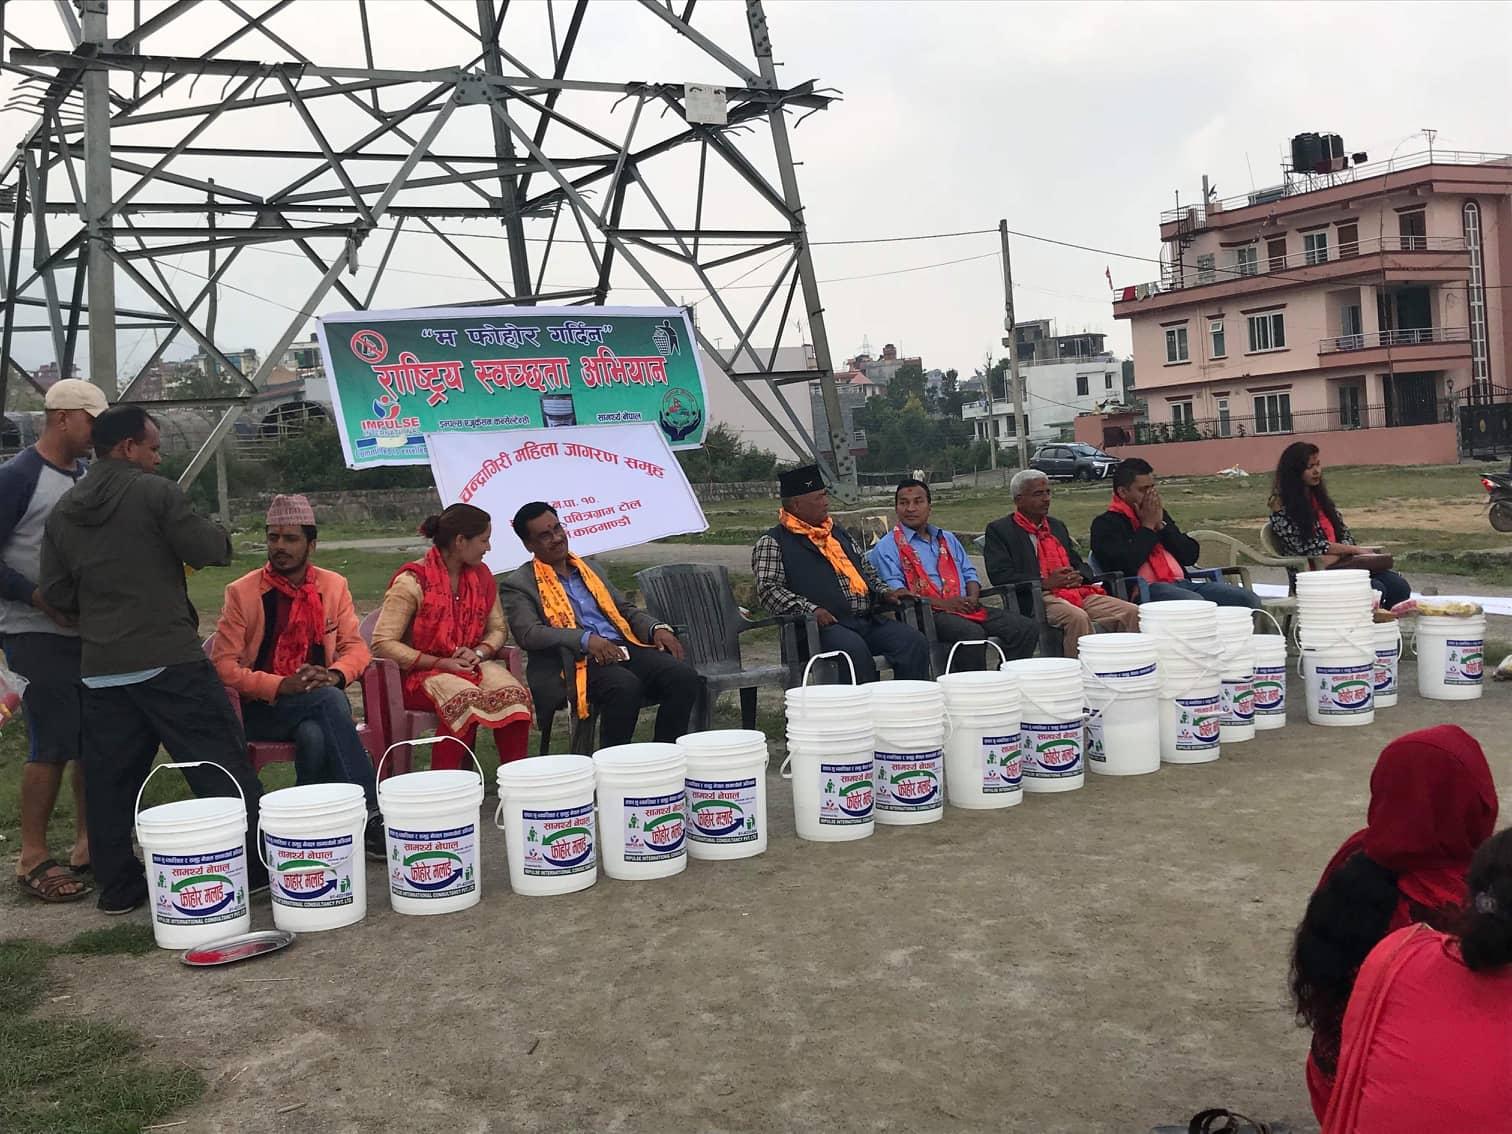 सामर्थ्य नेपाल द्वारा  म फोहोर गर्दिन भन्ने प्रतिबद्दता सहित डस्टबिन वितरण